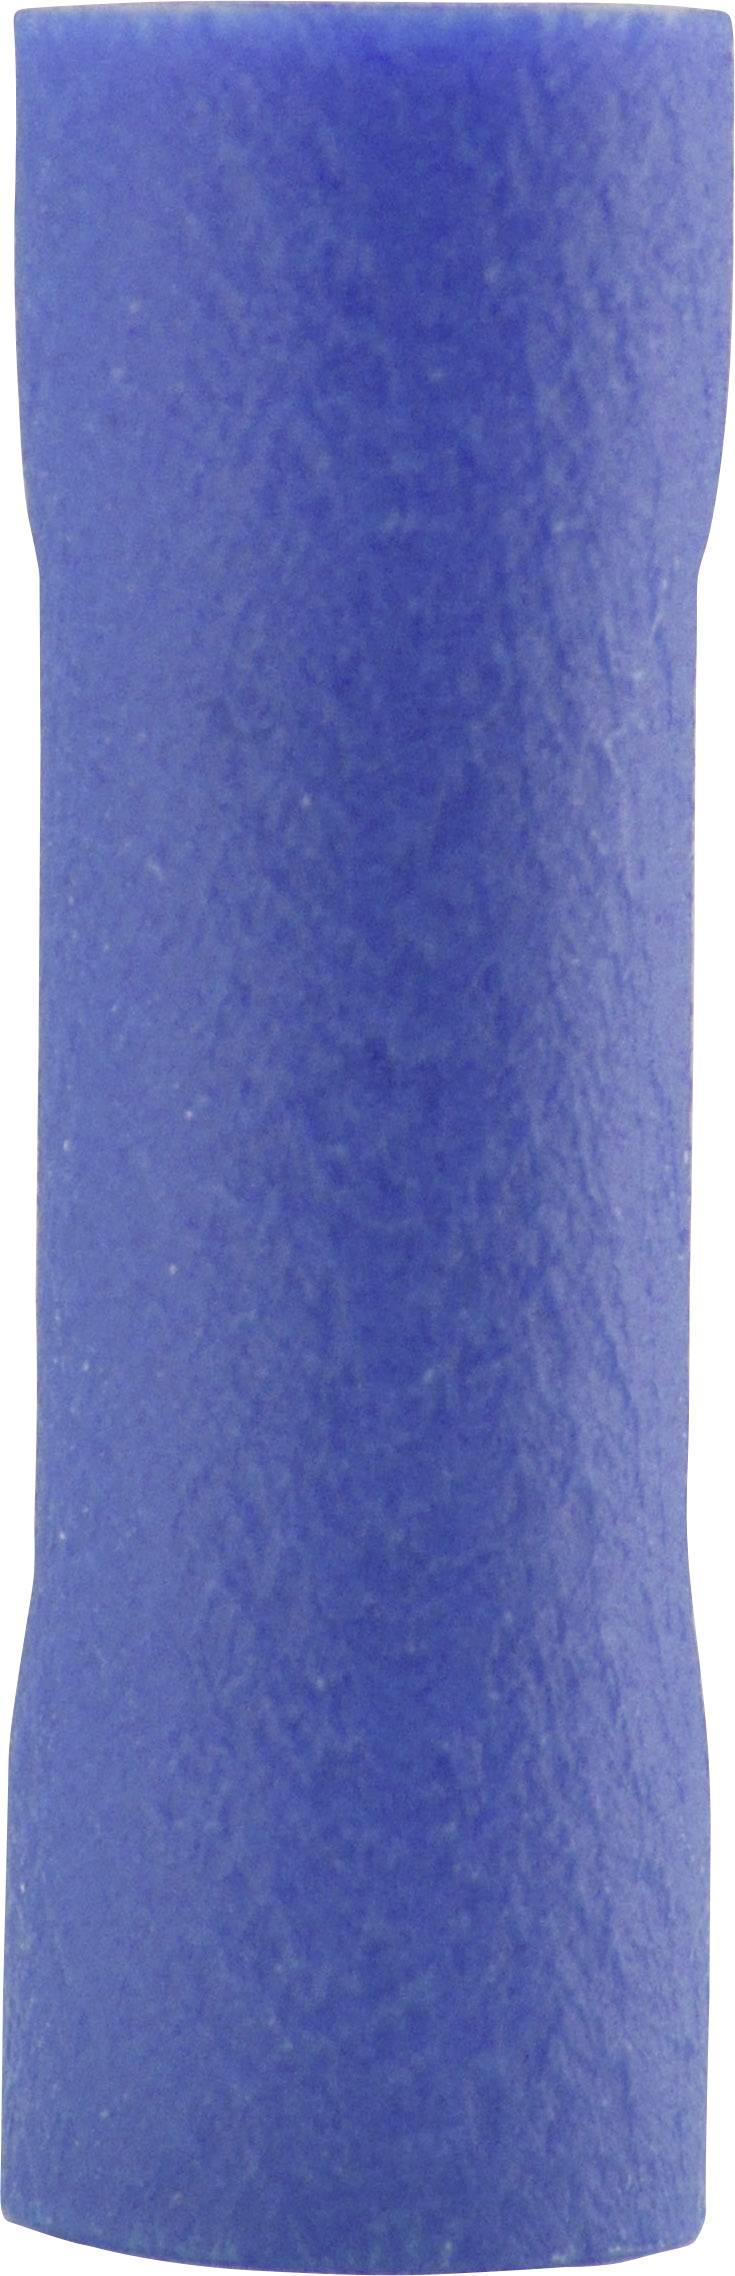 Paralelný konektor Vogt Verbindungstechnik 3716P, 1.50 - 2.50 mm², úplne izolované, modrá, 1 ks